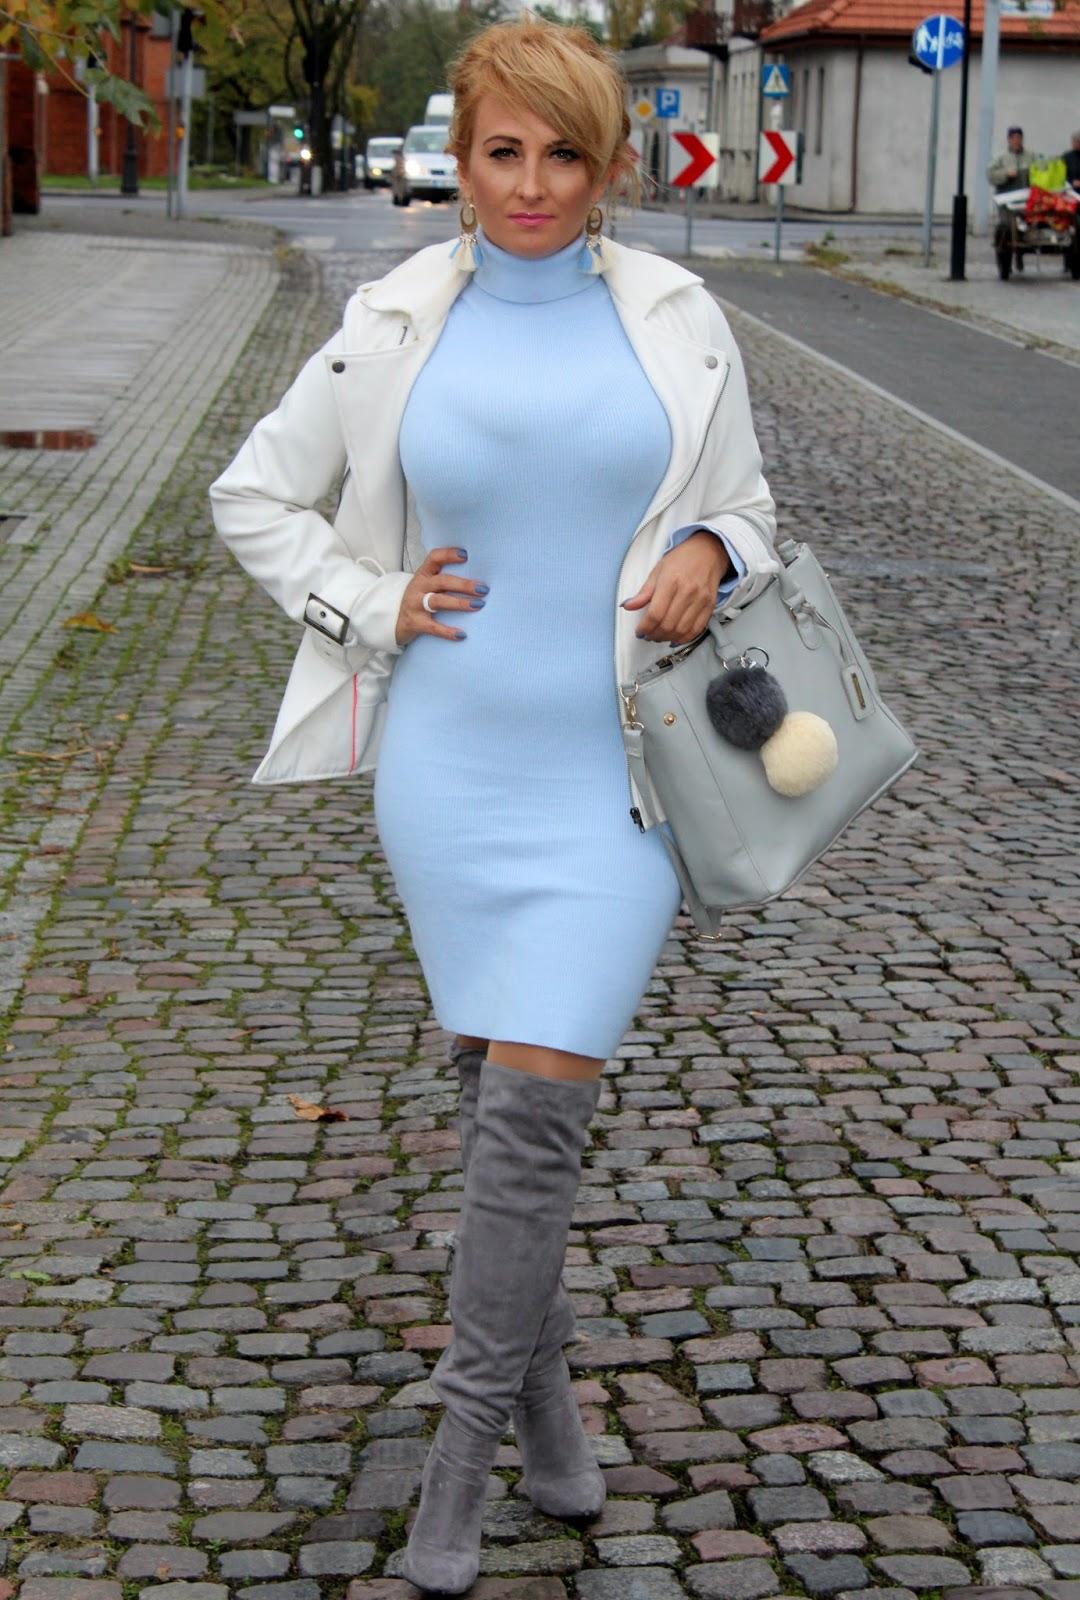 d8b18995 Sukienka w kolorze baby blue   Moda   zBLOGowani